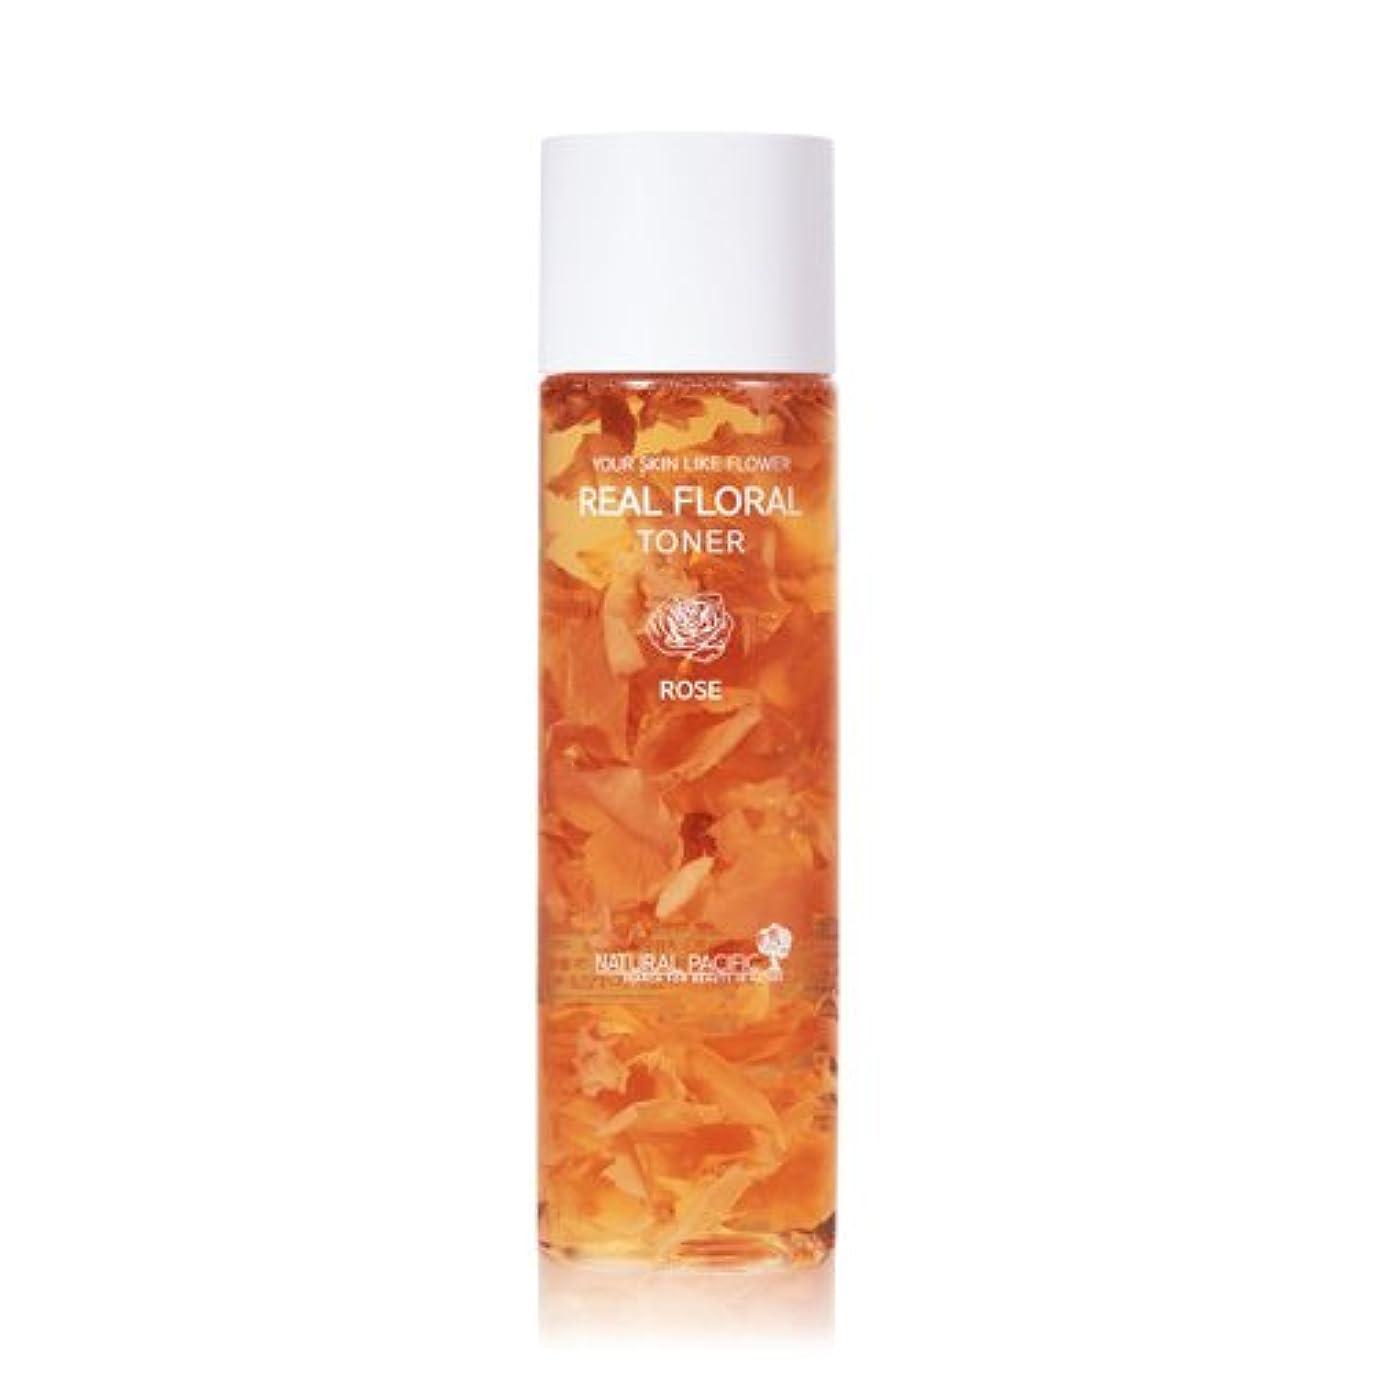 邪悪な農業遮るNATURAL PACIFIC Real Rose Floral Toner 180ml/ナチュラルパシフィック リアル ローズ フローラル トナー 180ml [並行輸入品]